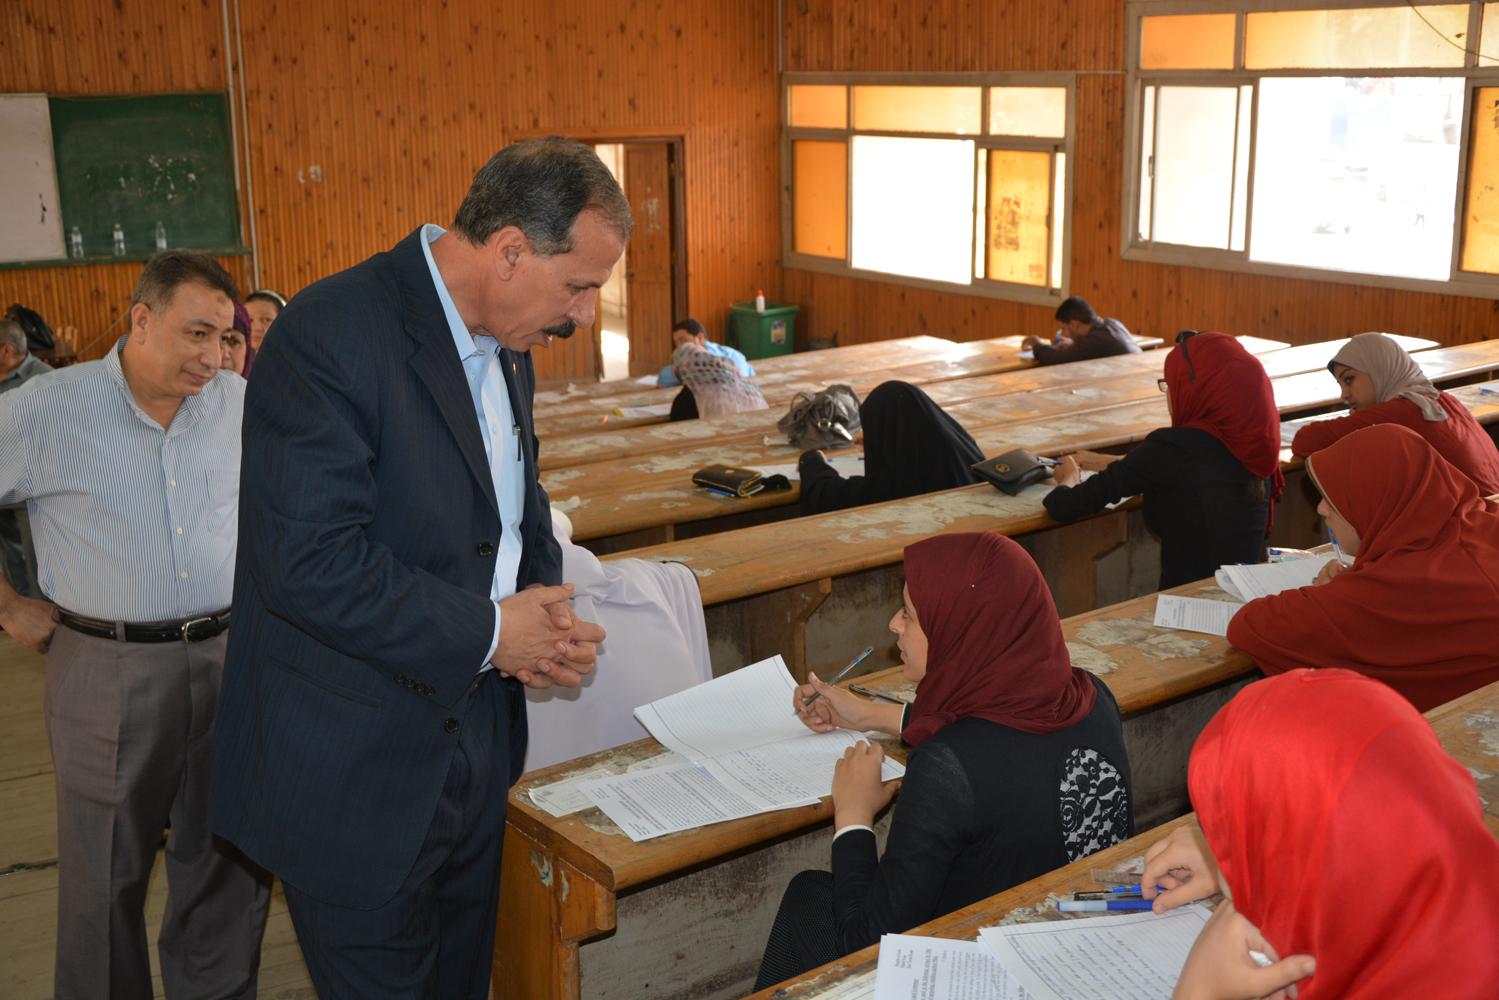 د. عبدالحكيم نور الدين يتفقد لجان كلية الآداب اليوم وانتظام أعمال الامتحانات بجامعة الزقازيق